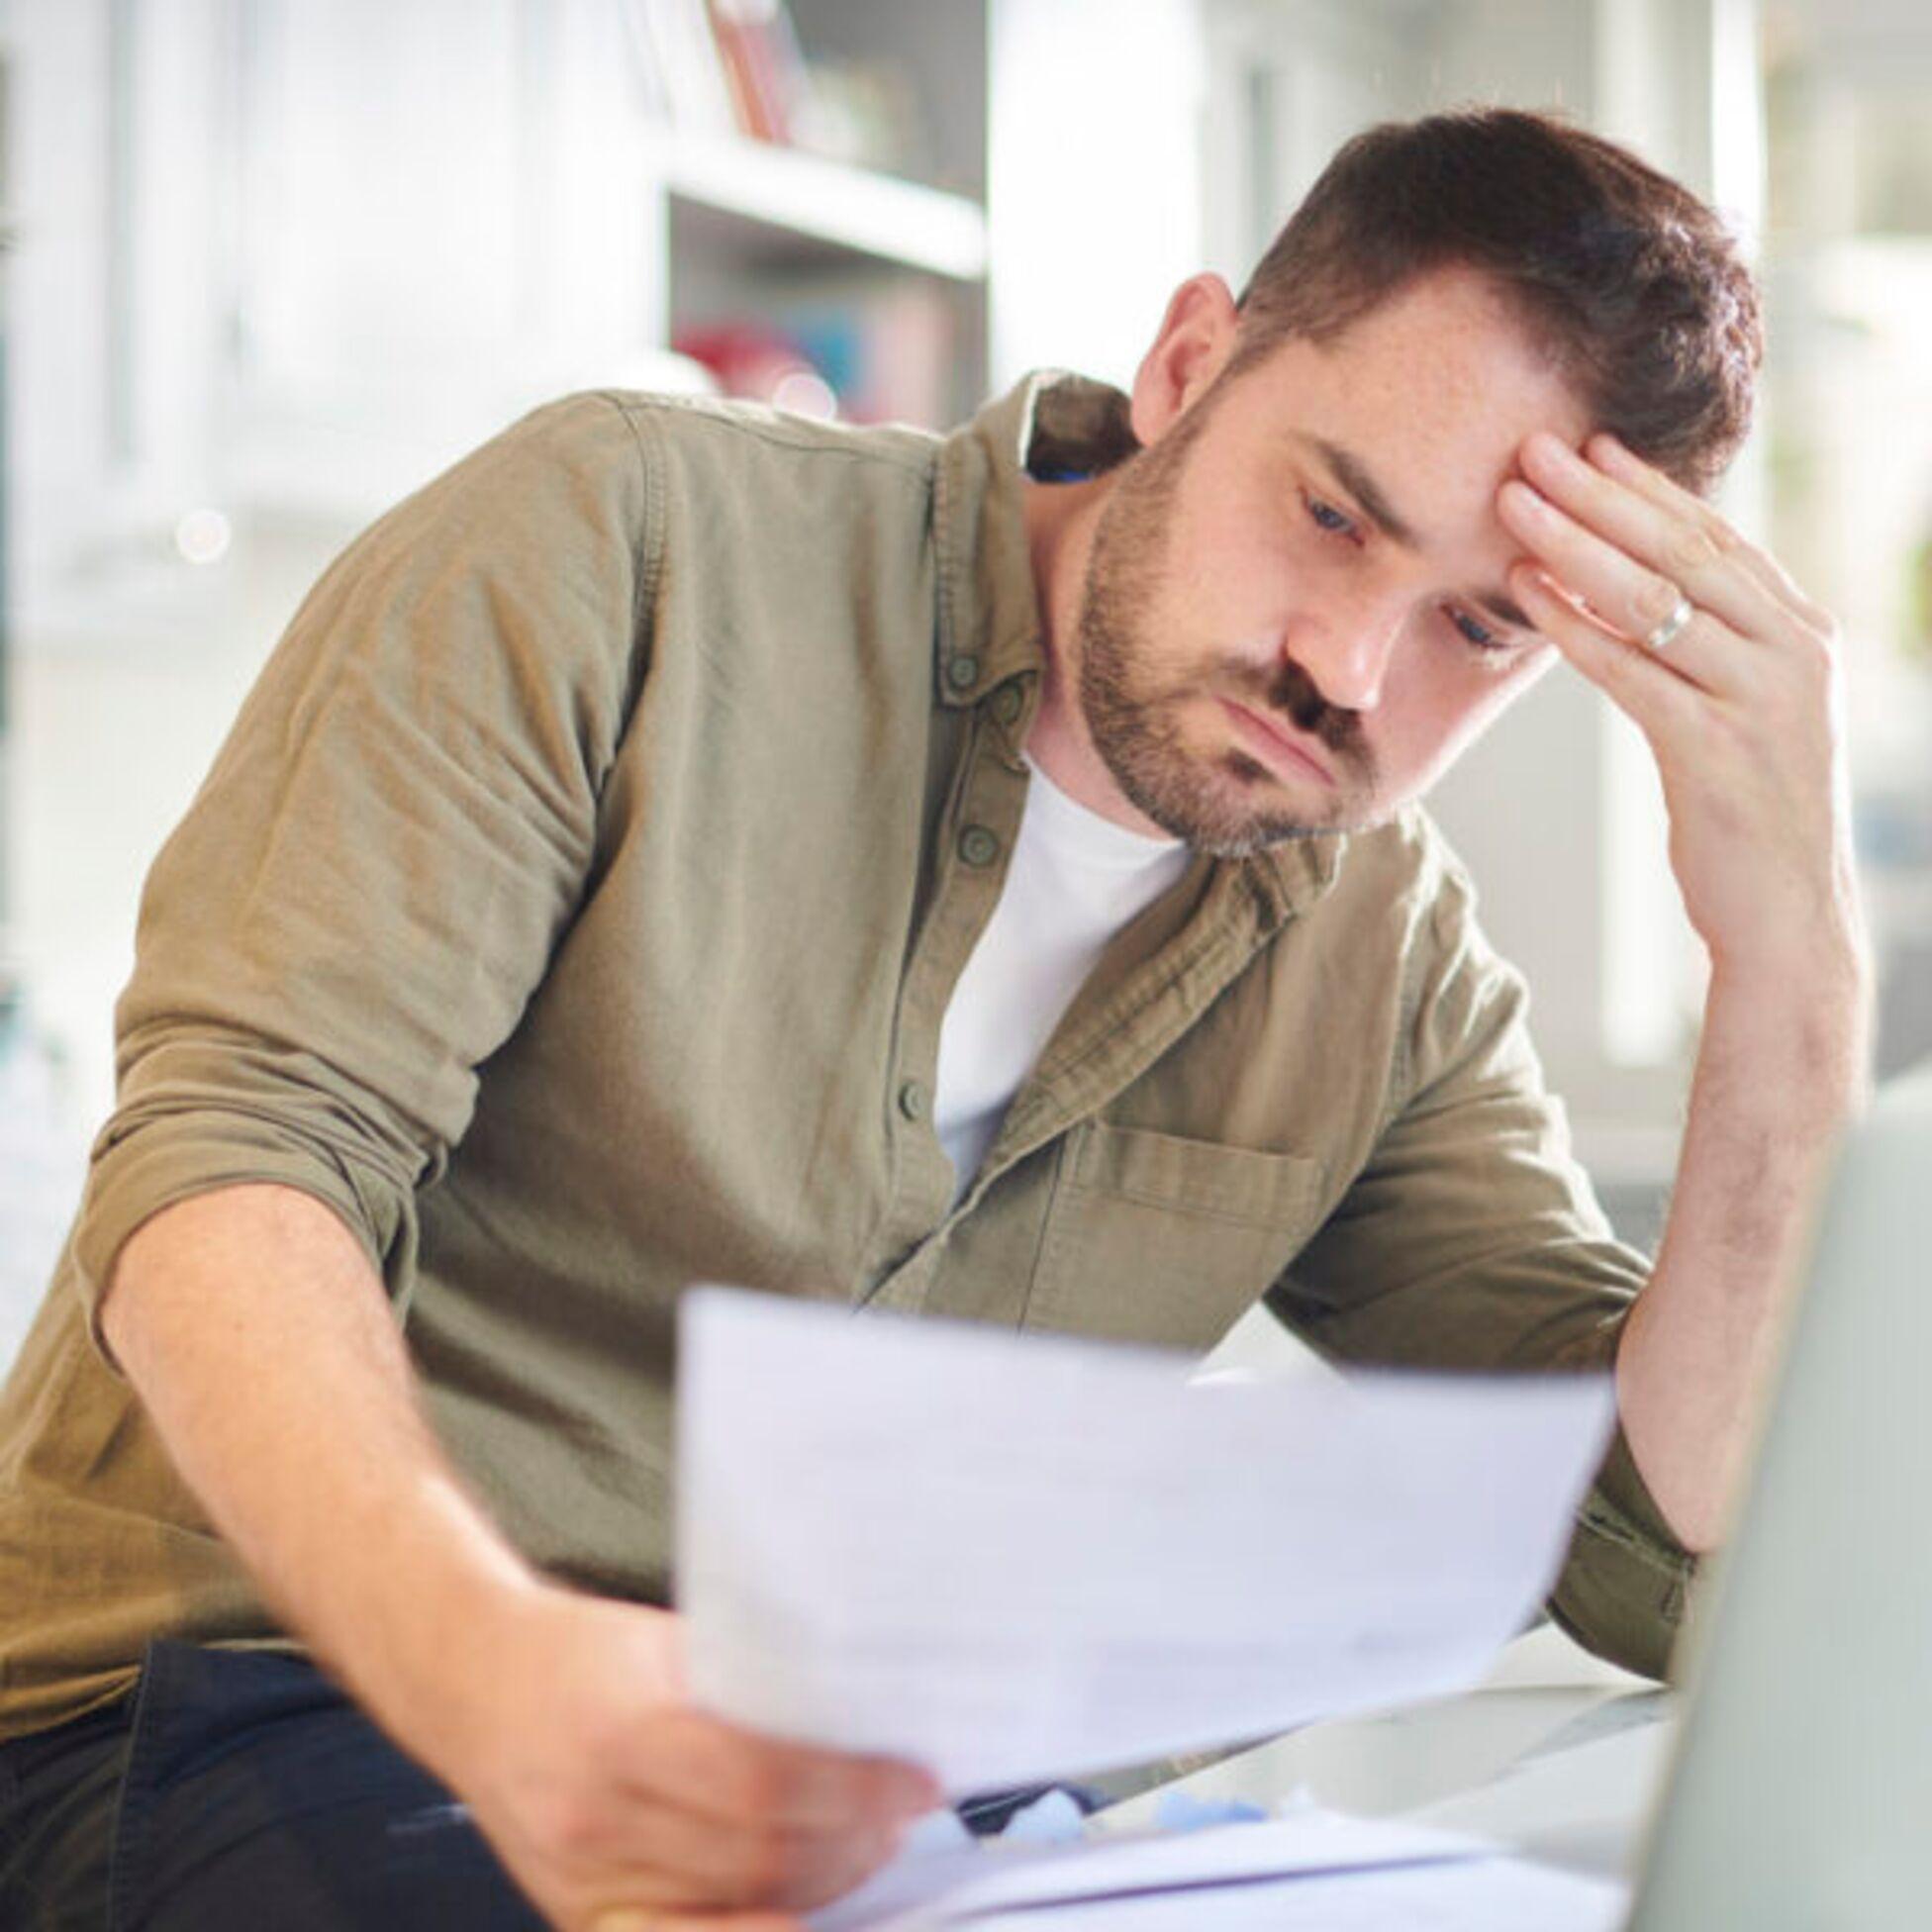 Besorgter Mann blickt auf einen Brief